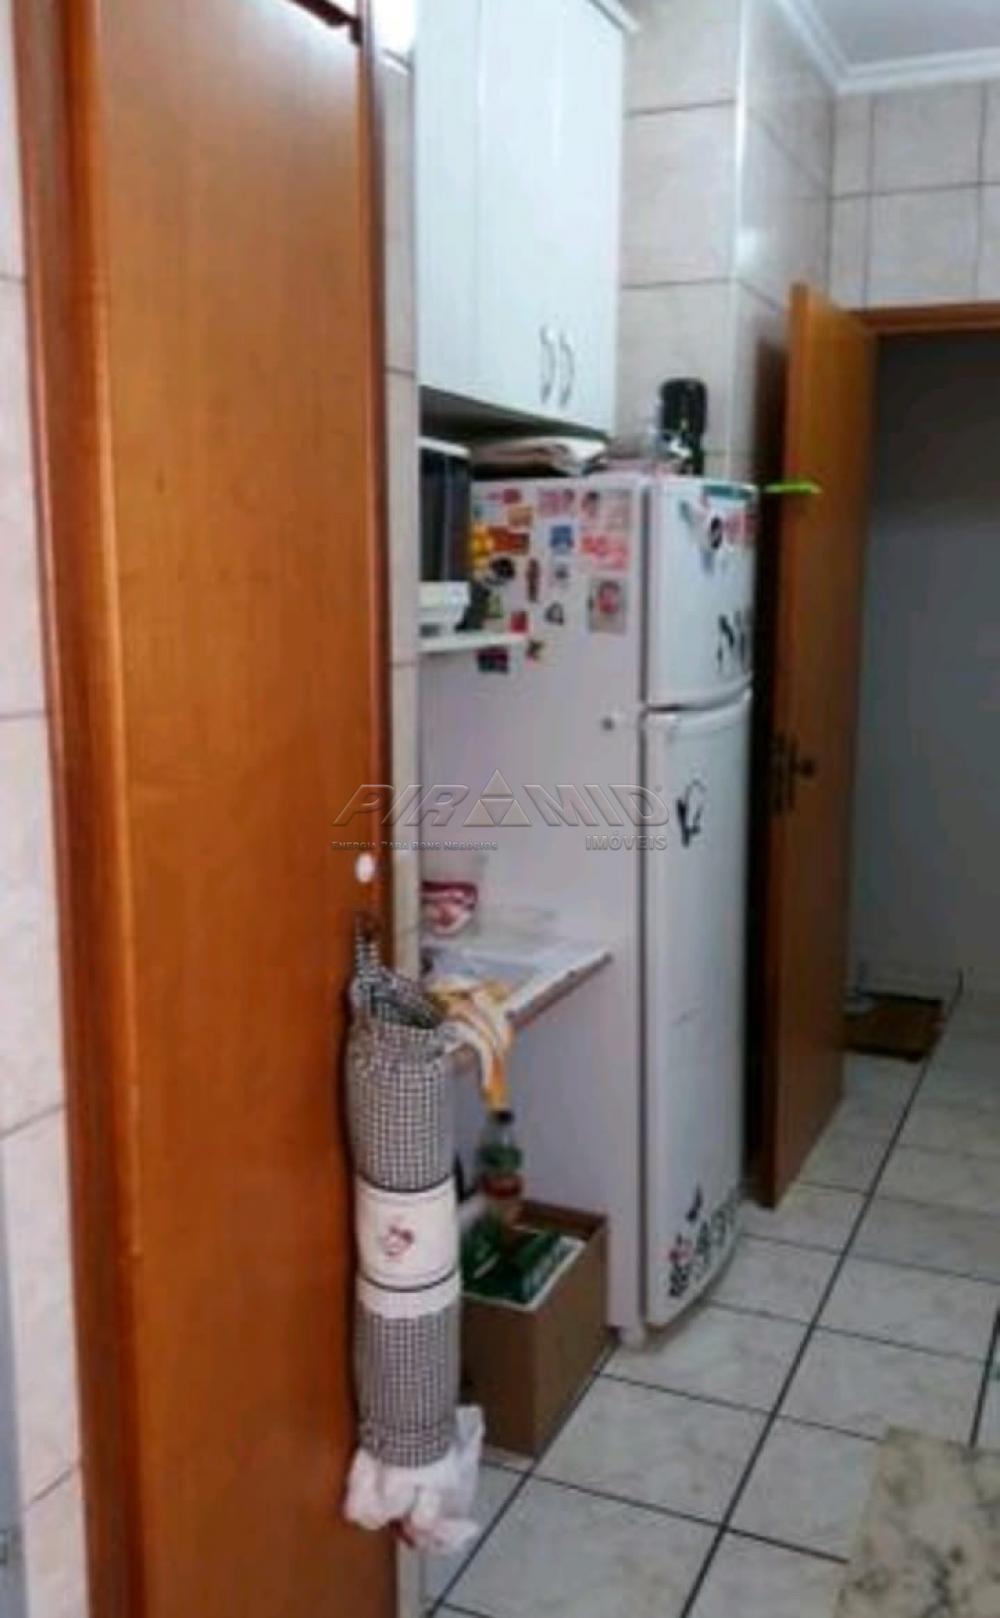 Comprar Apartamento / Padrão em Ribeirão Preto R$ 320.000,00 - Foto 6